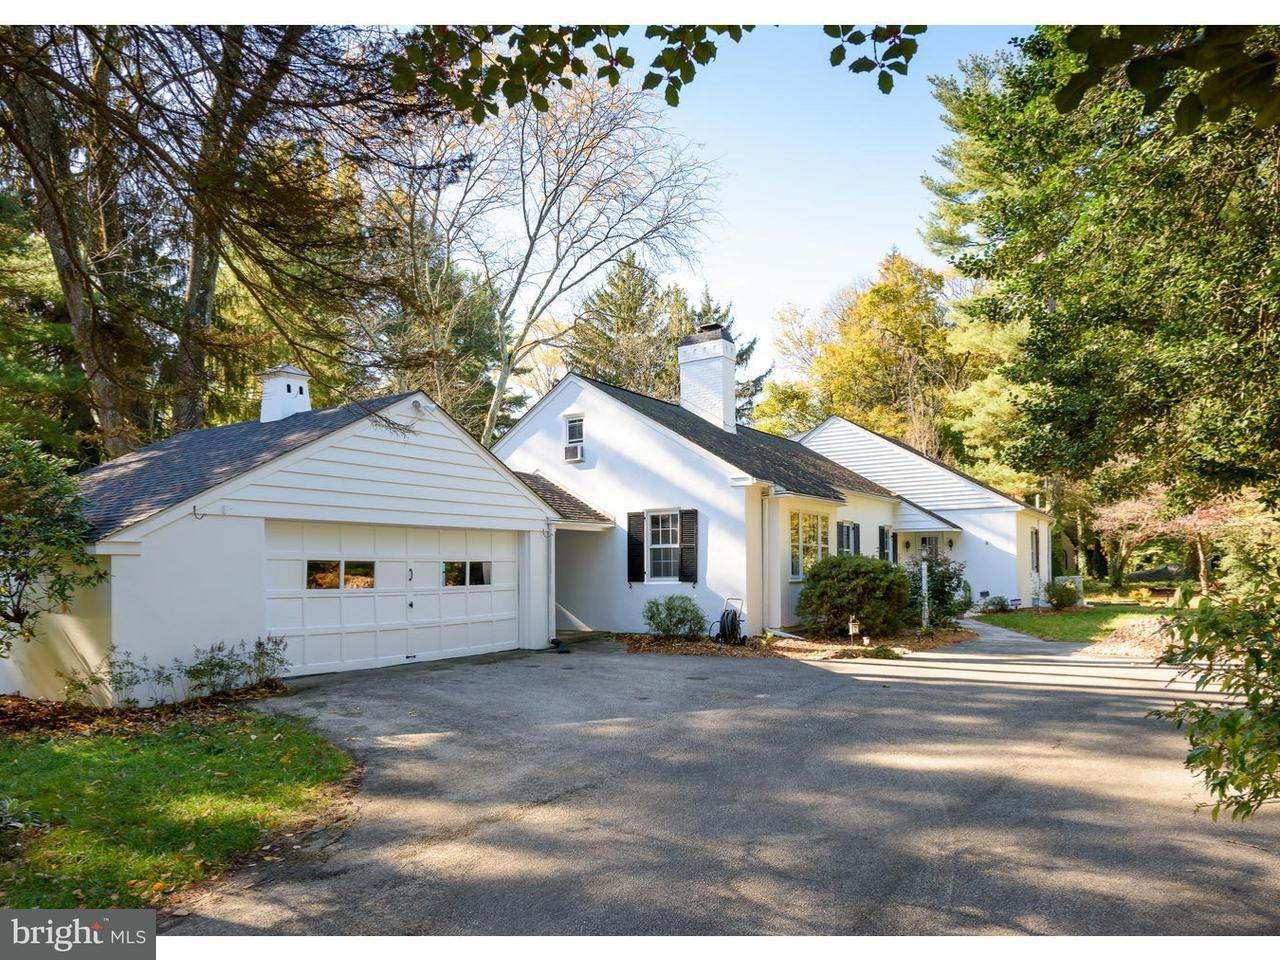 Частный односемейный дом для того Продажа на 209 HIGHLAND Avenue Wallingford, Пенсильвания 19086 Соединенные Штаты